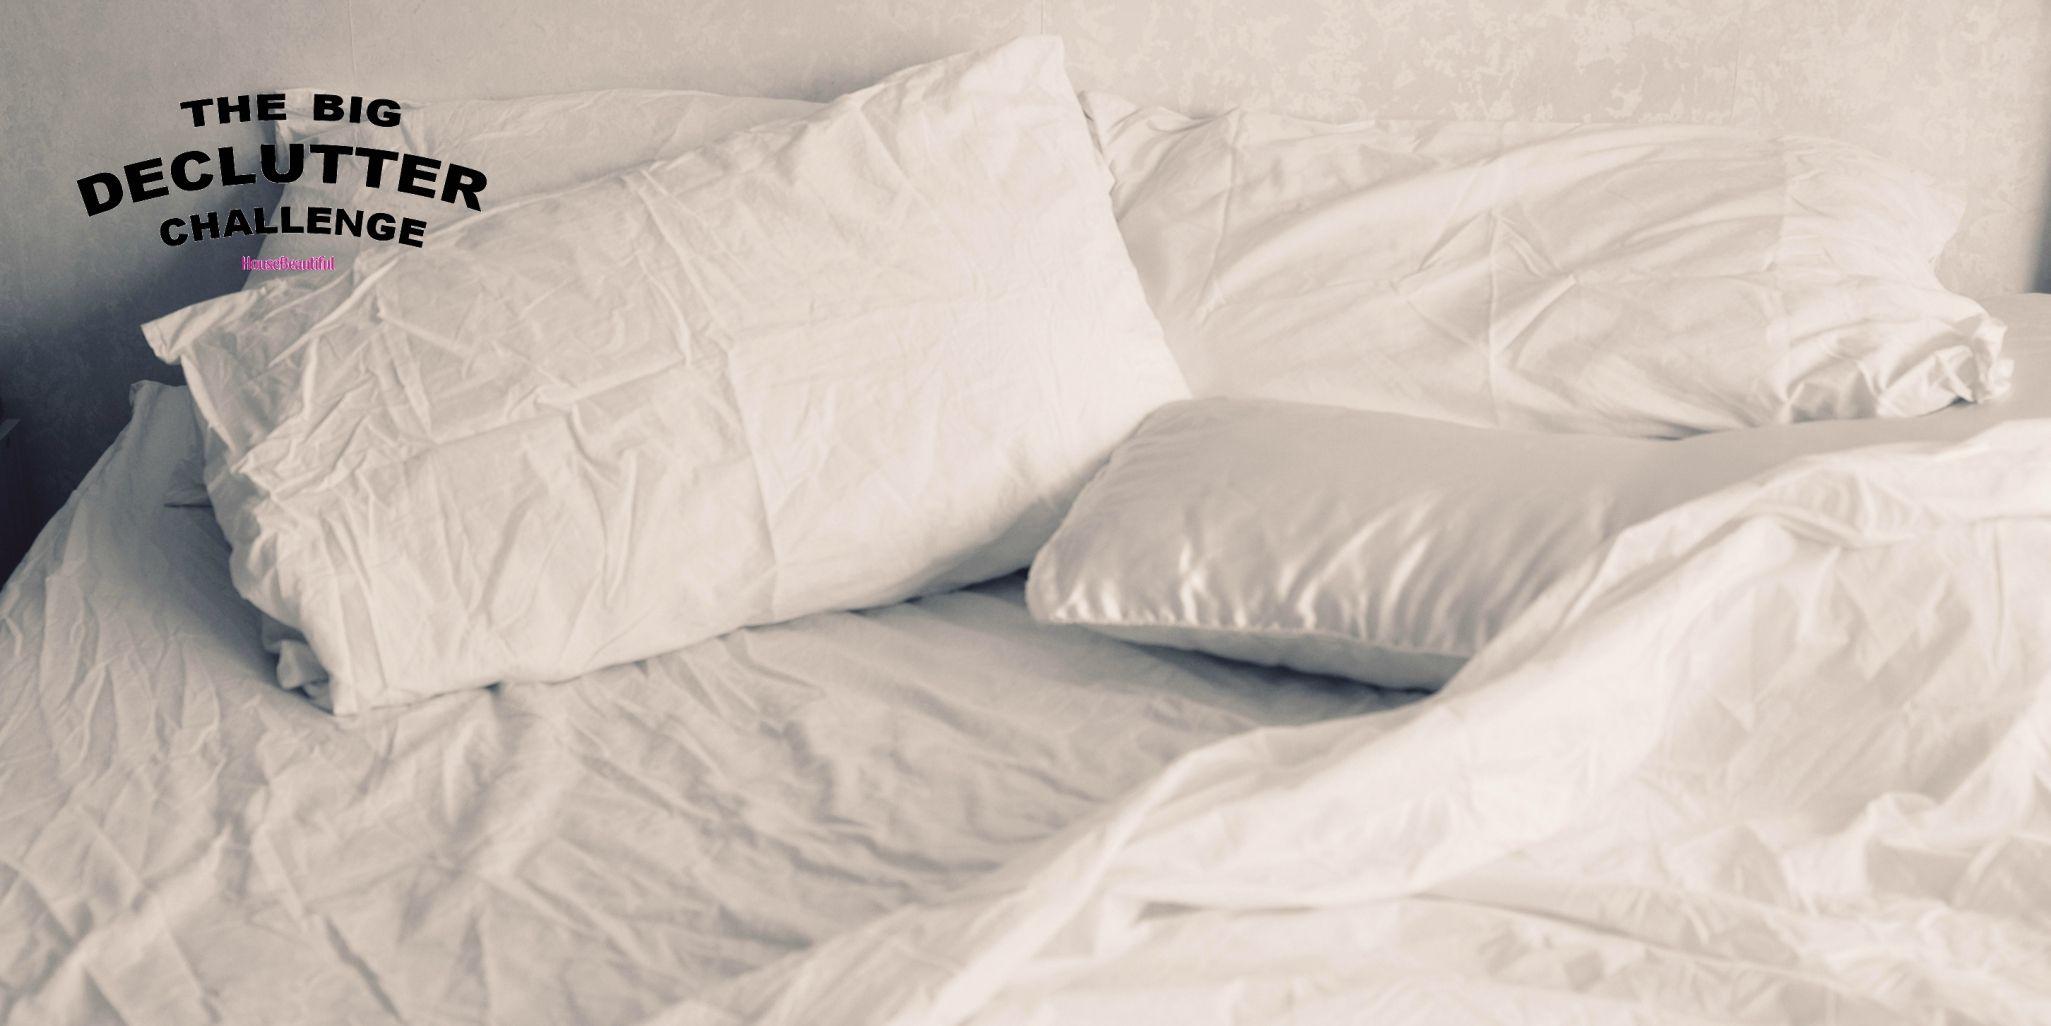 Unmade bed - Big Declutter Challenge